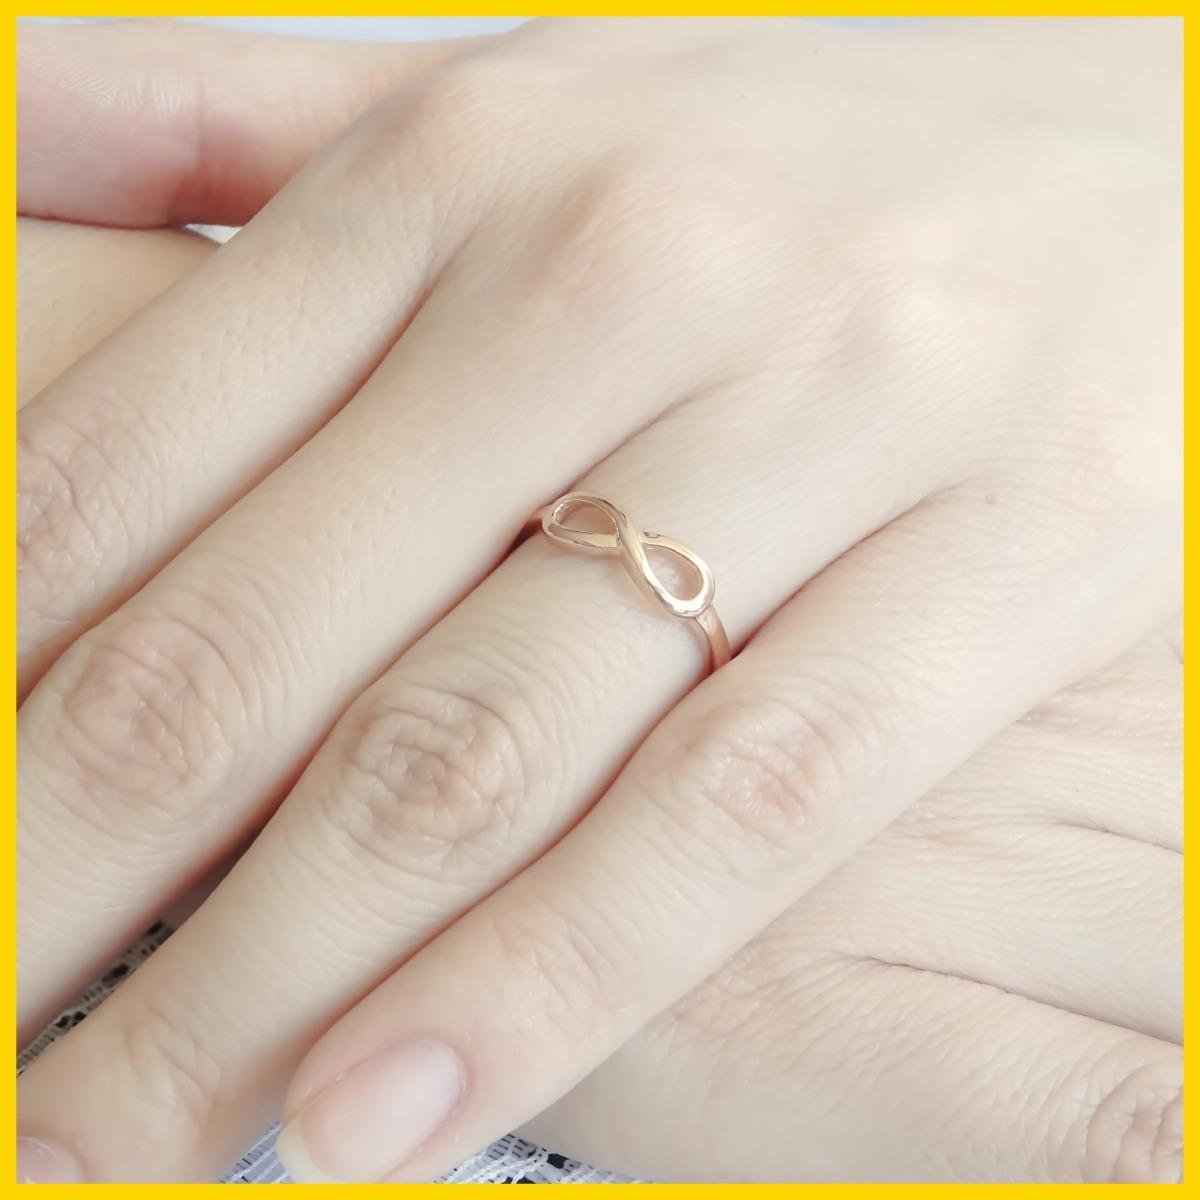 bc2052664f64 amor eterno - anillo infinito ch   oro 10k   personalízalo! Cargando zoom.